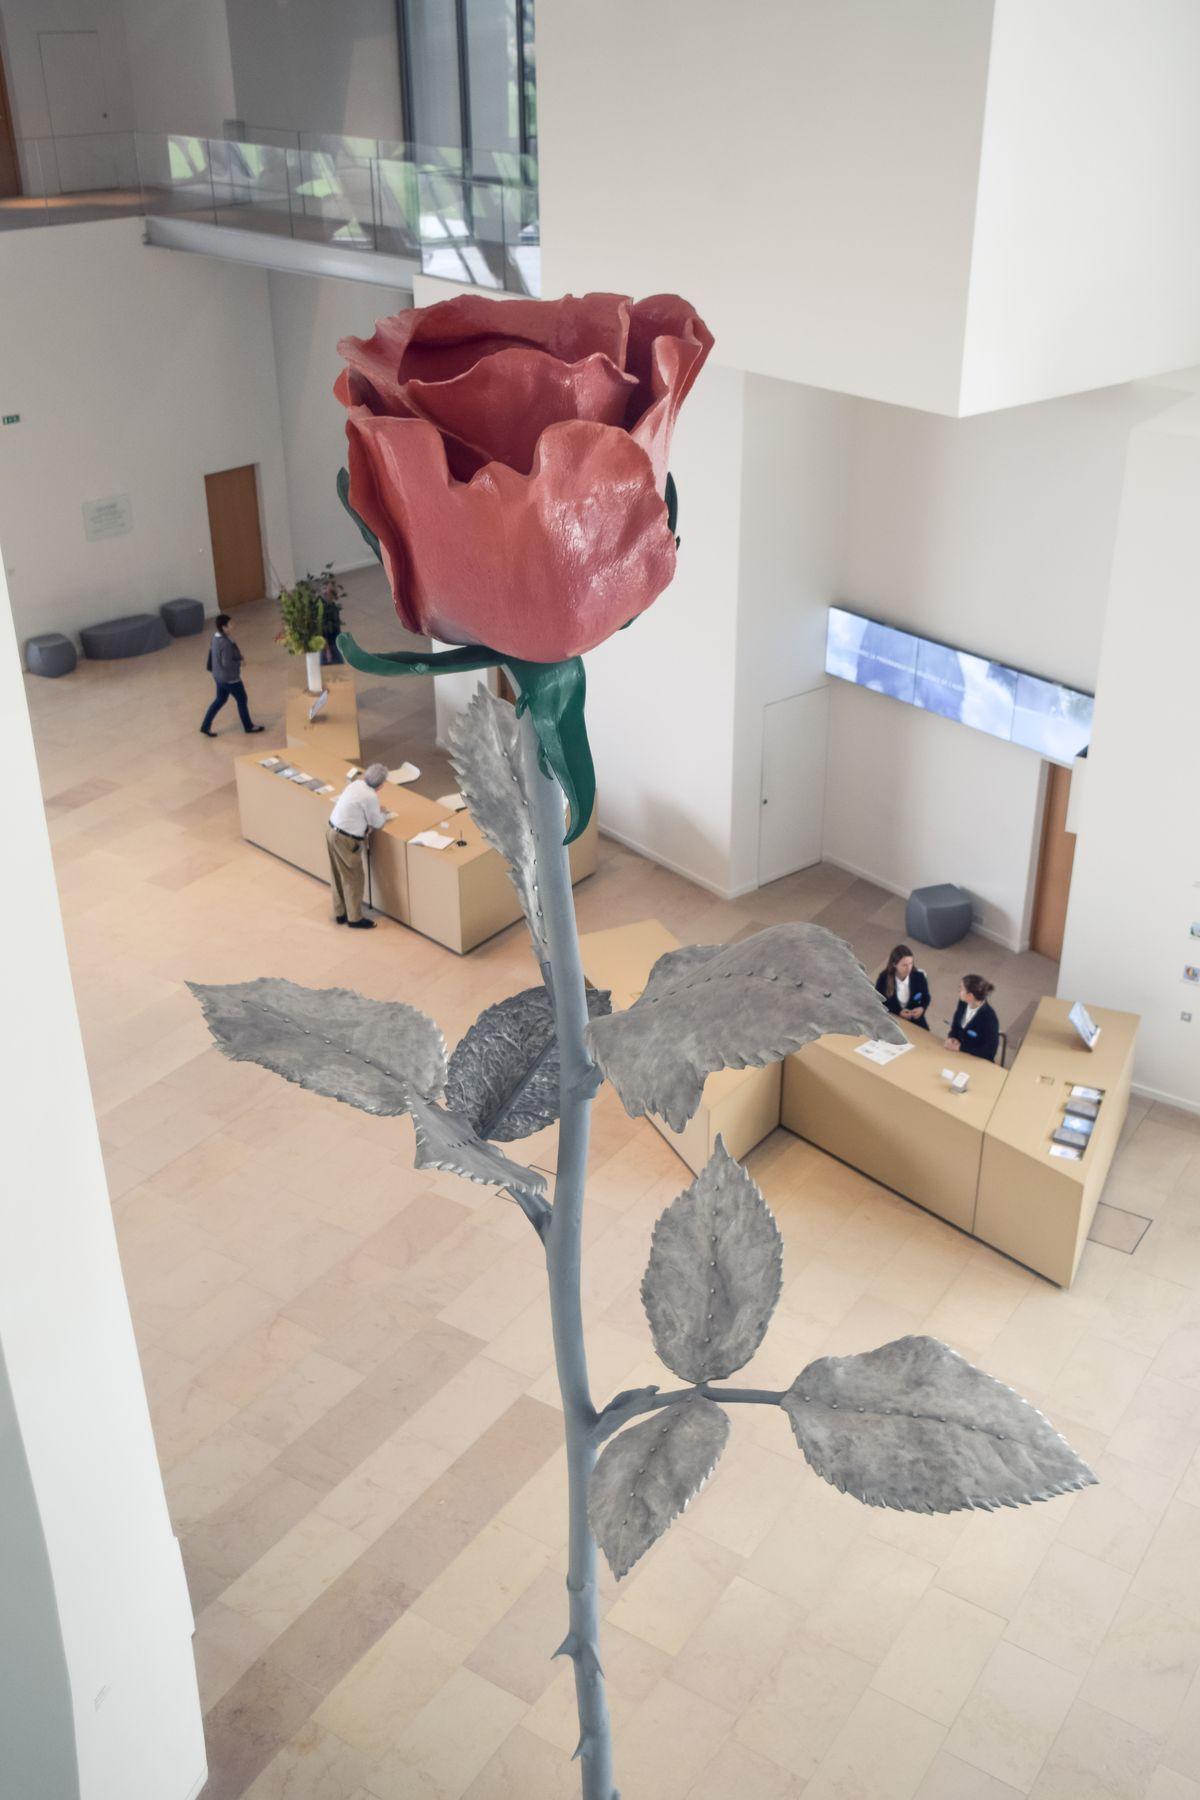 Rose, Fondation Louis Vuitton, Paris, France